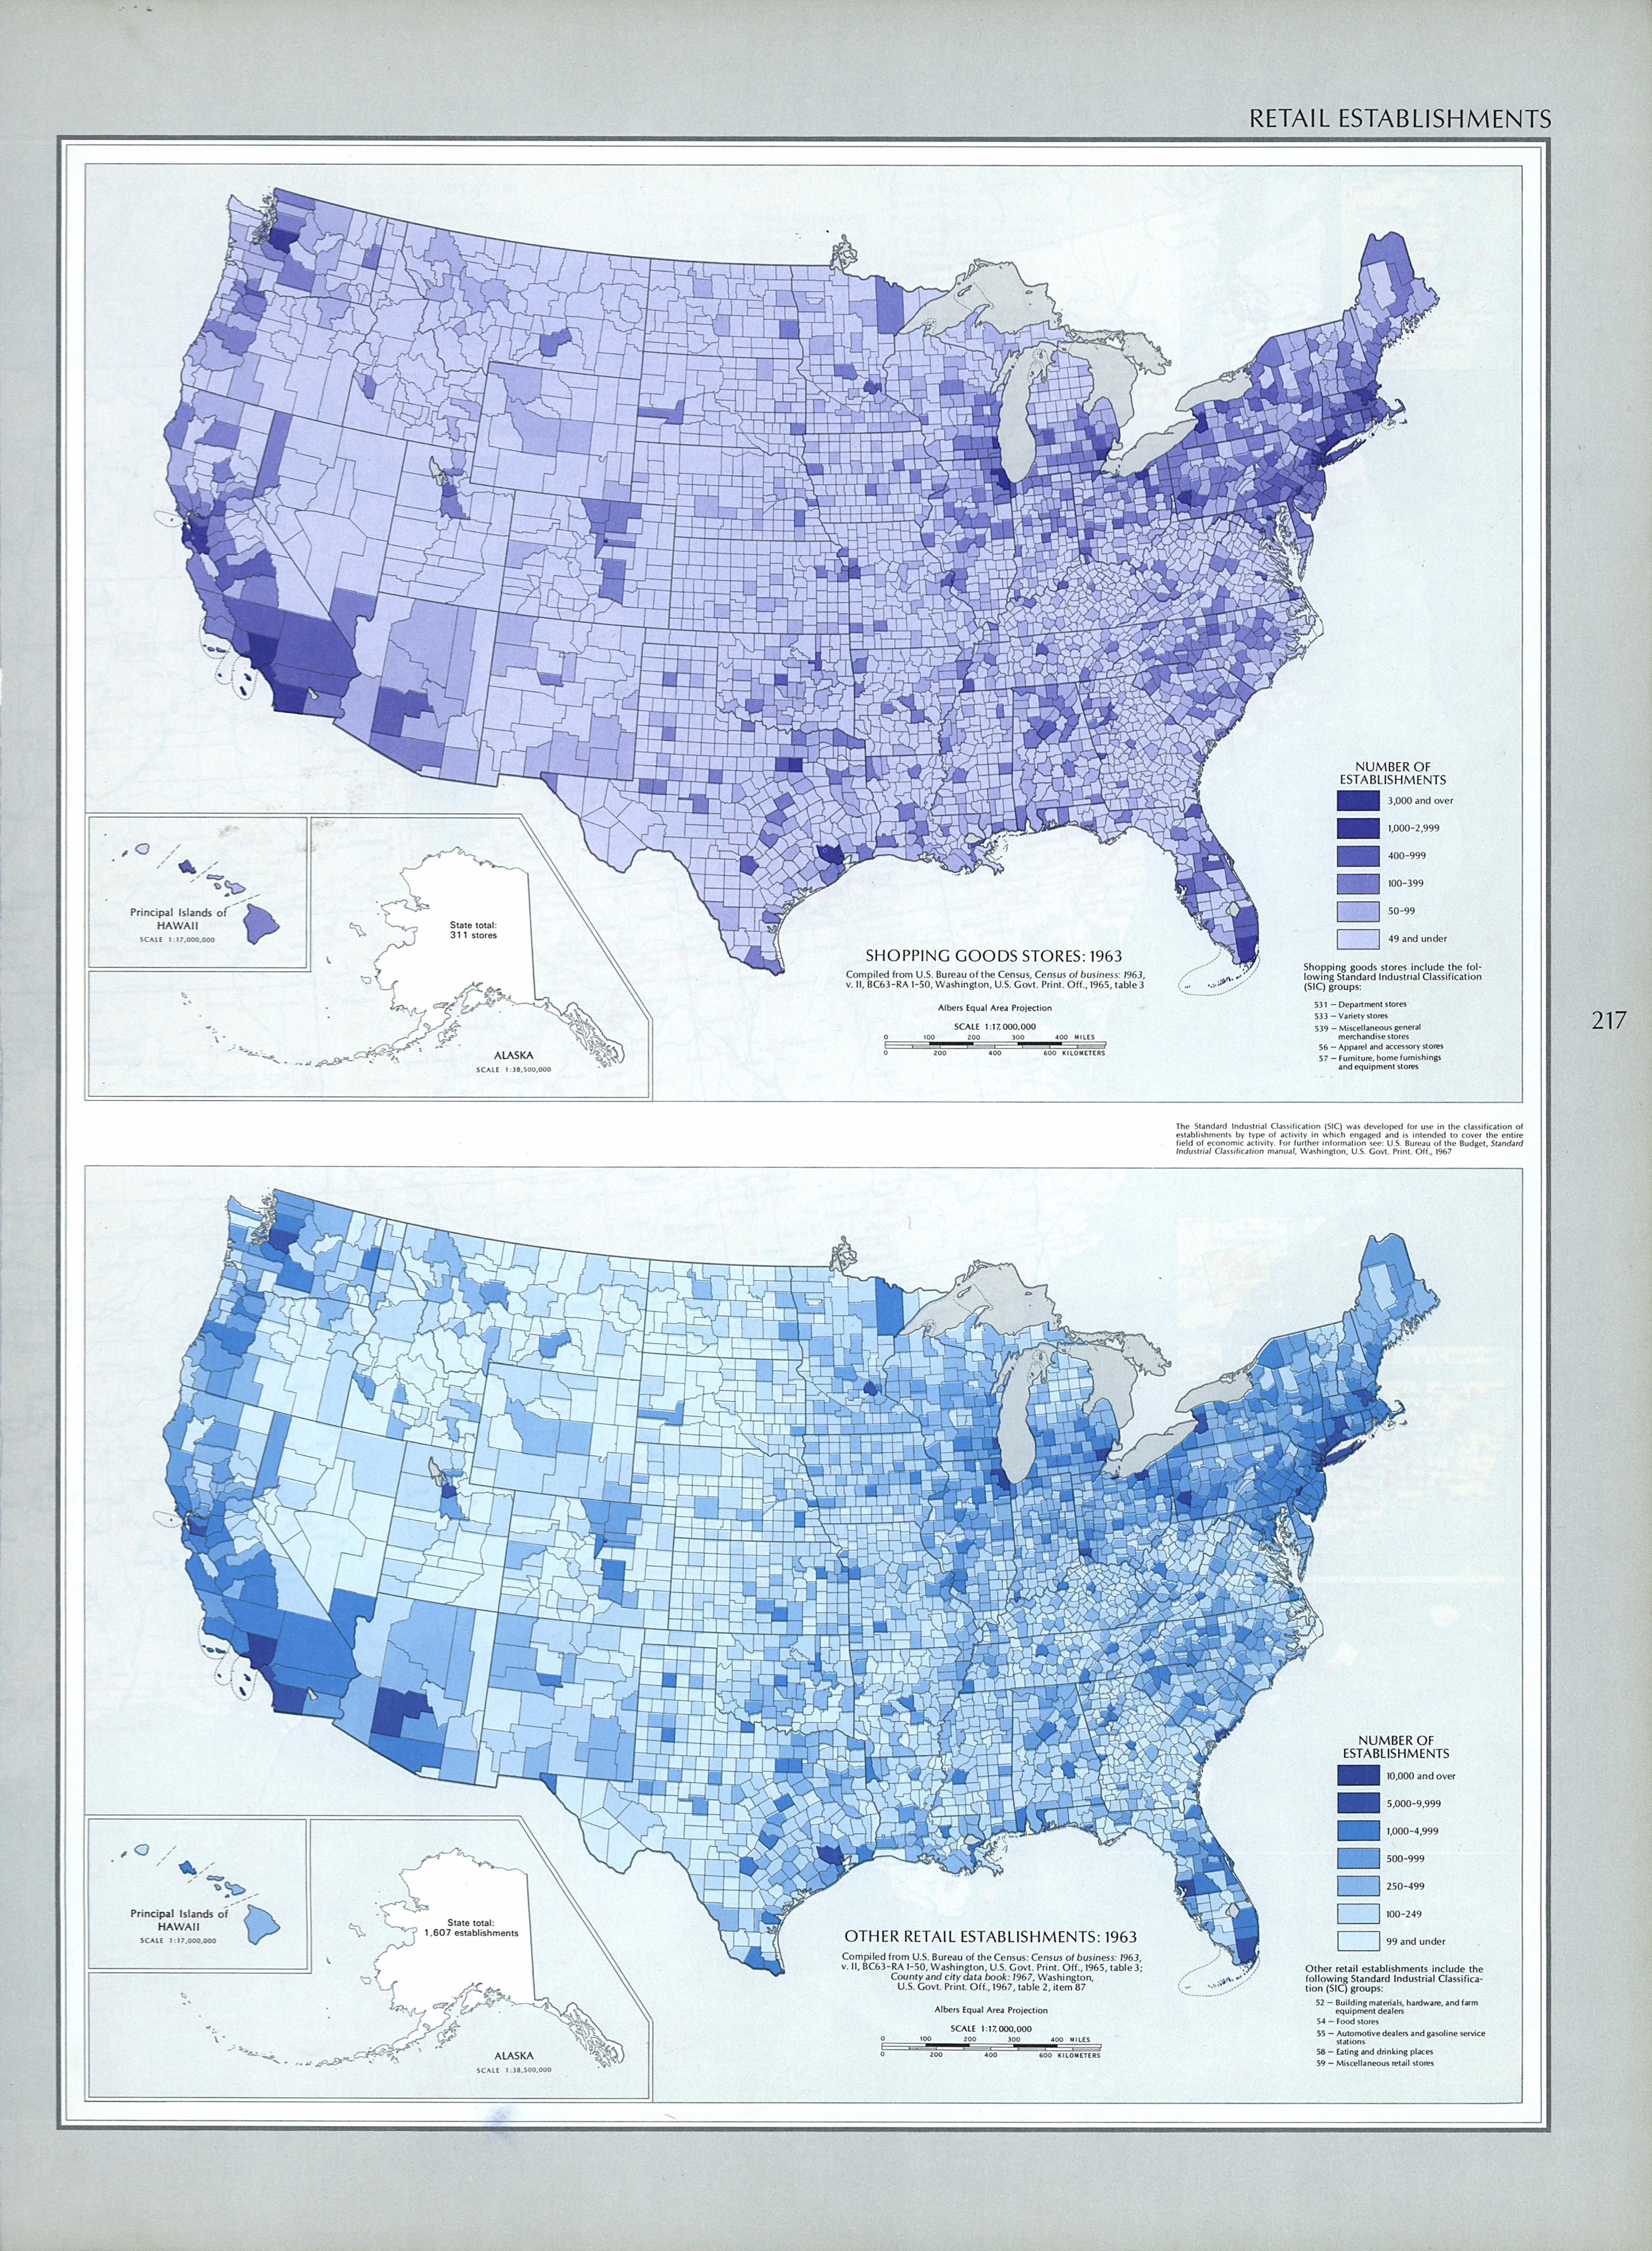 Mapa de los Establecimientos de Venta al por Menor, Estados Unidos